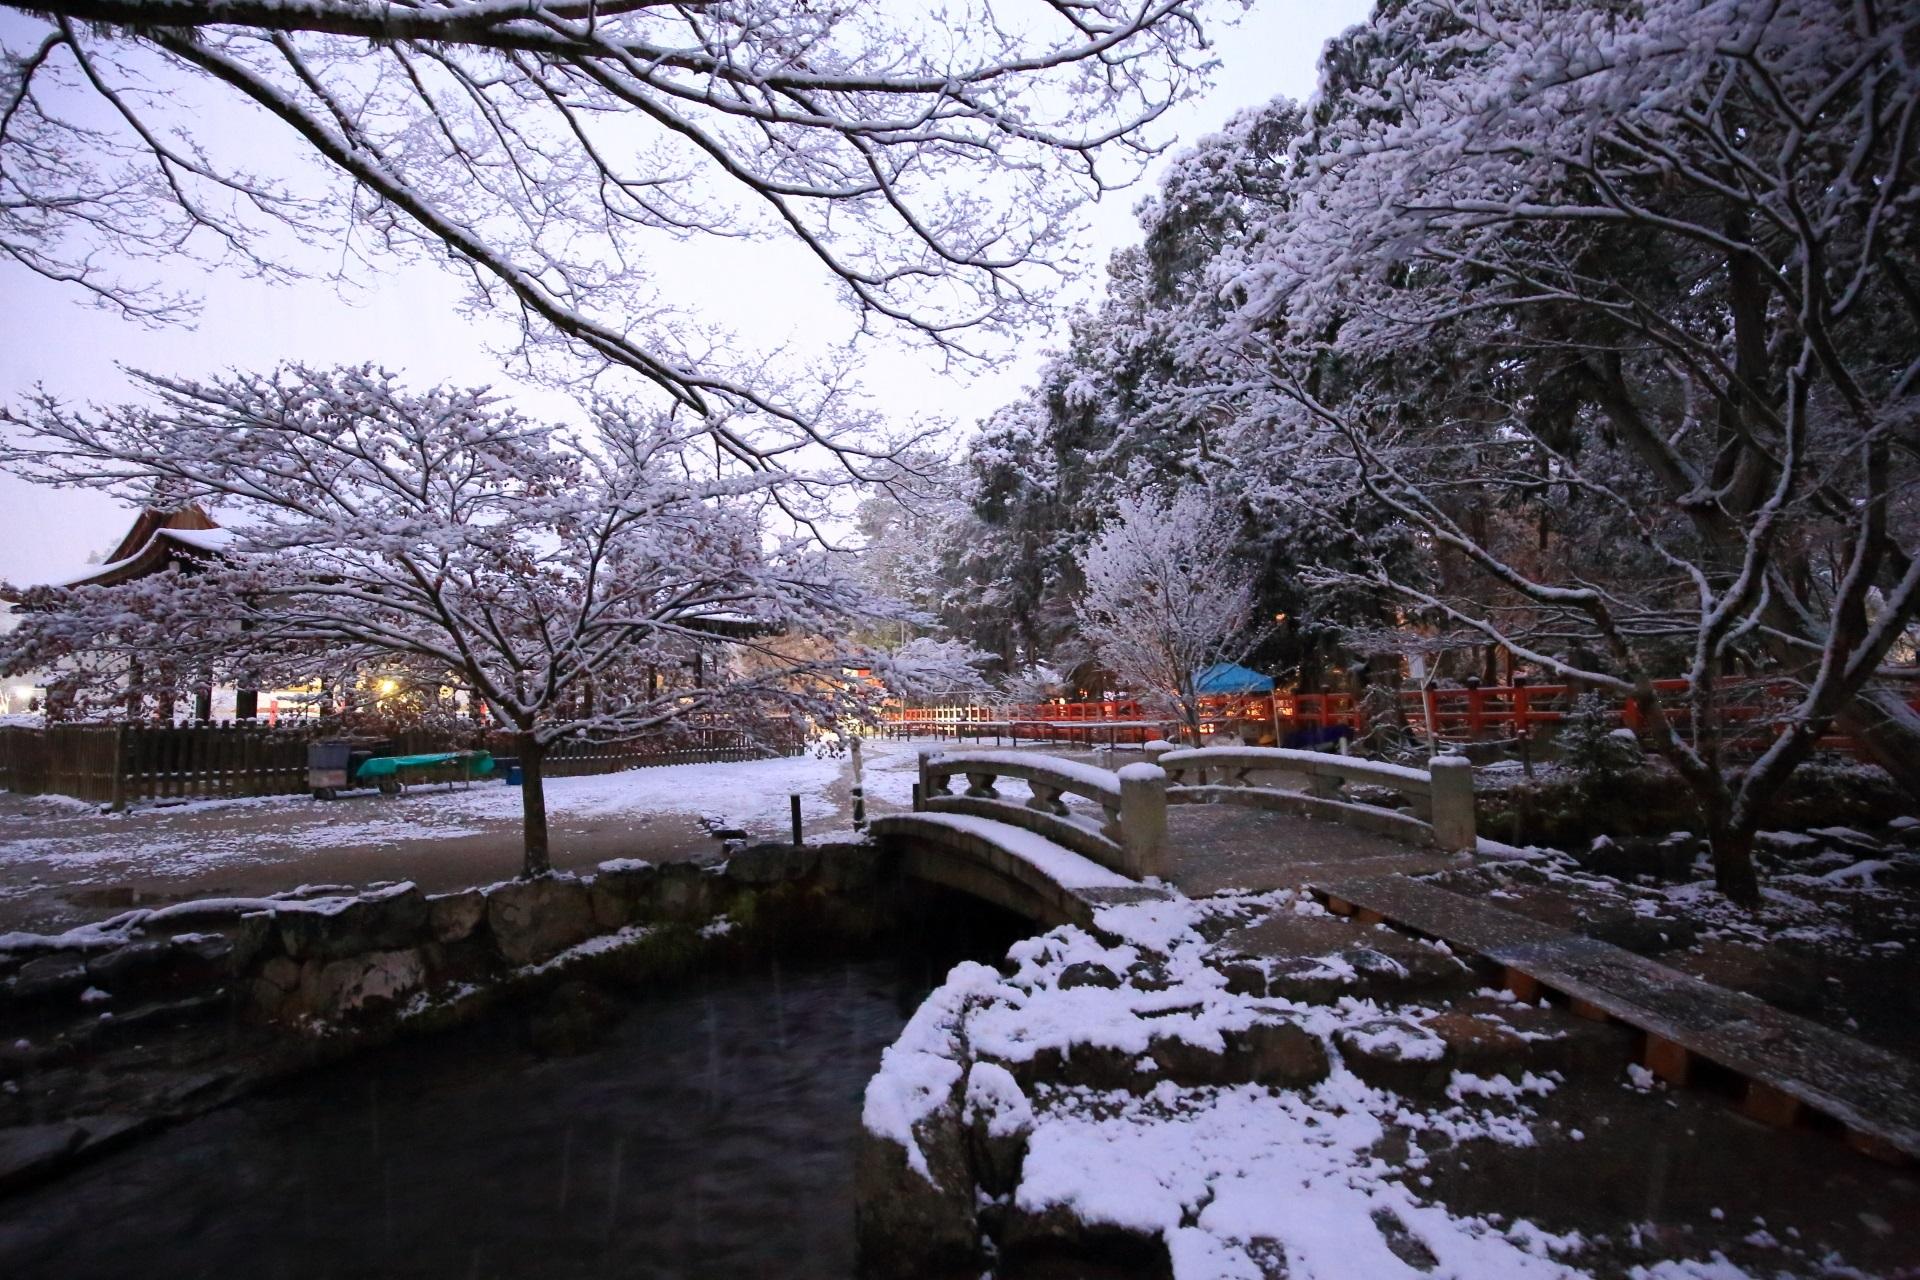 ならの小川の風情ある水辺の冬景色